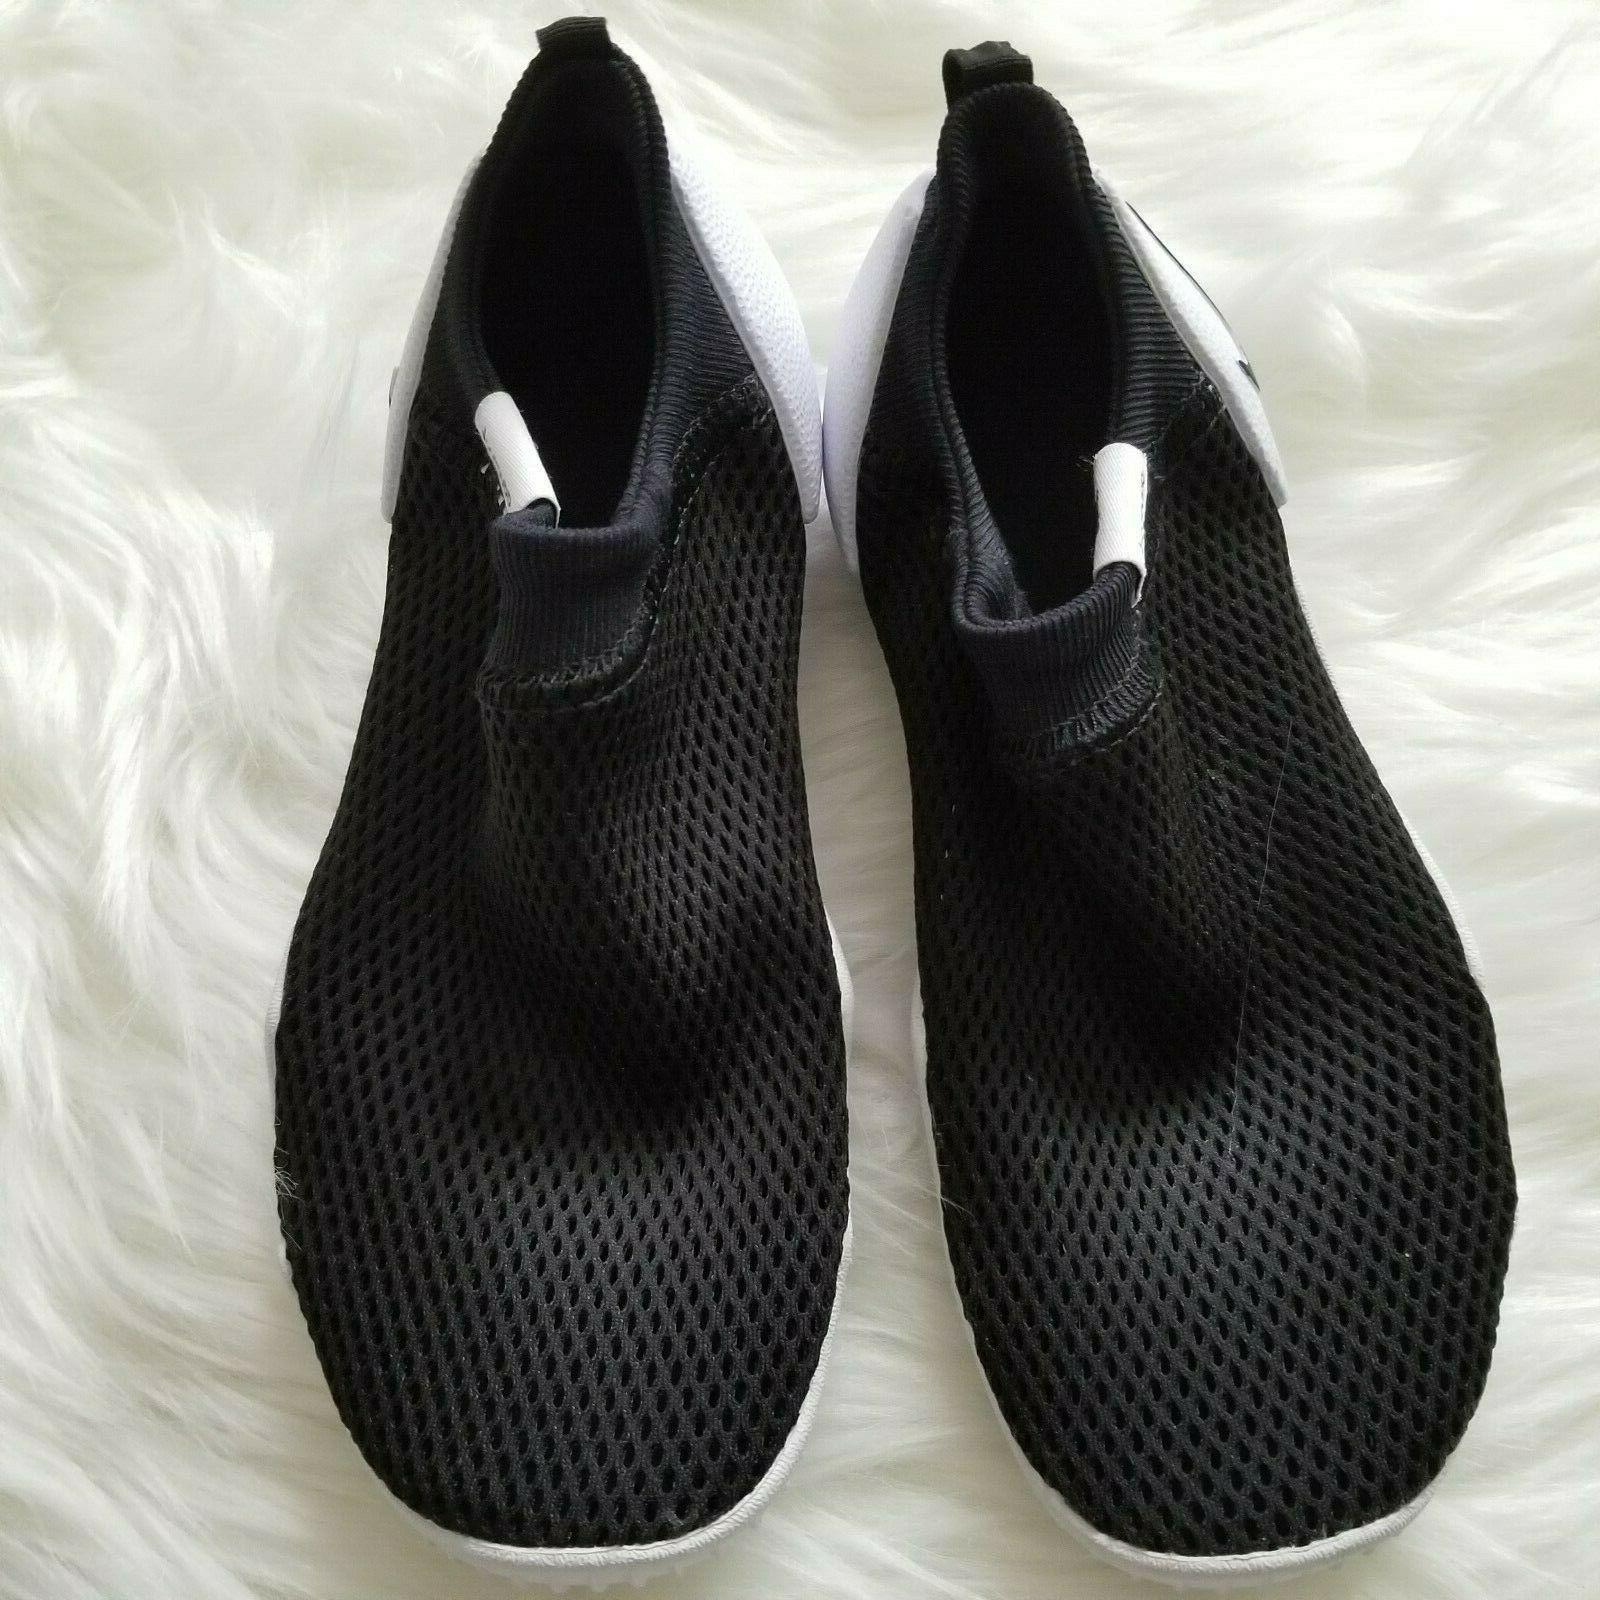 NWT Aqua Sock Shoes